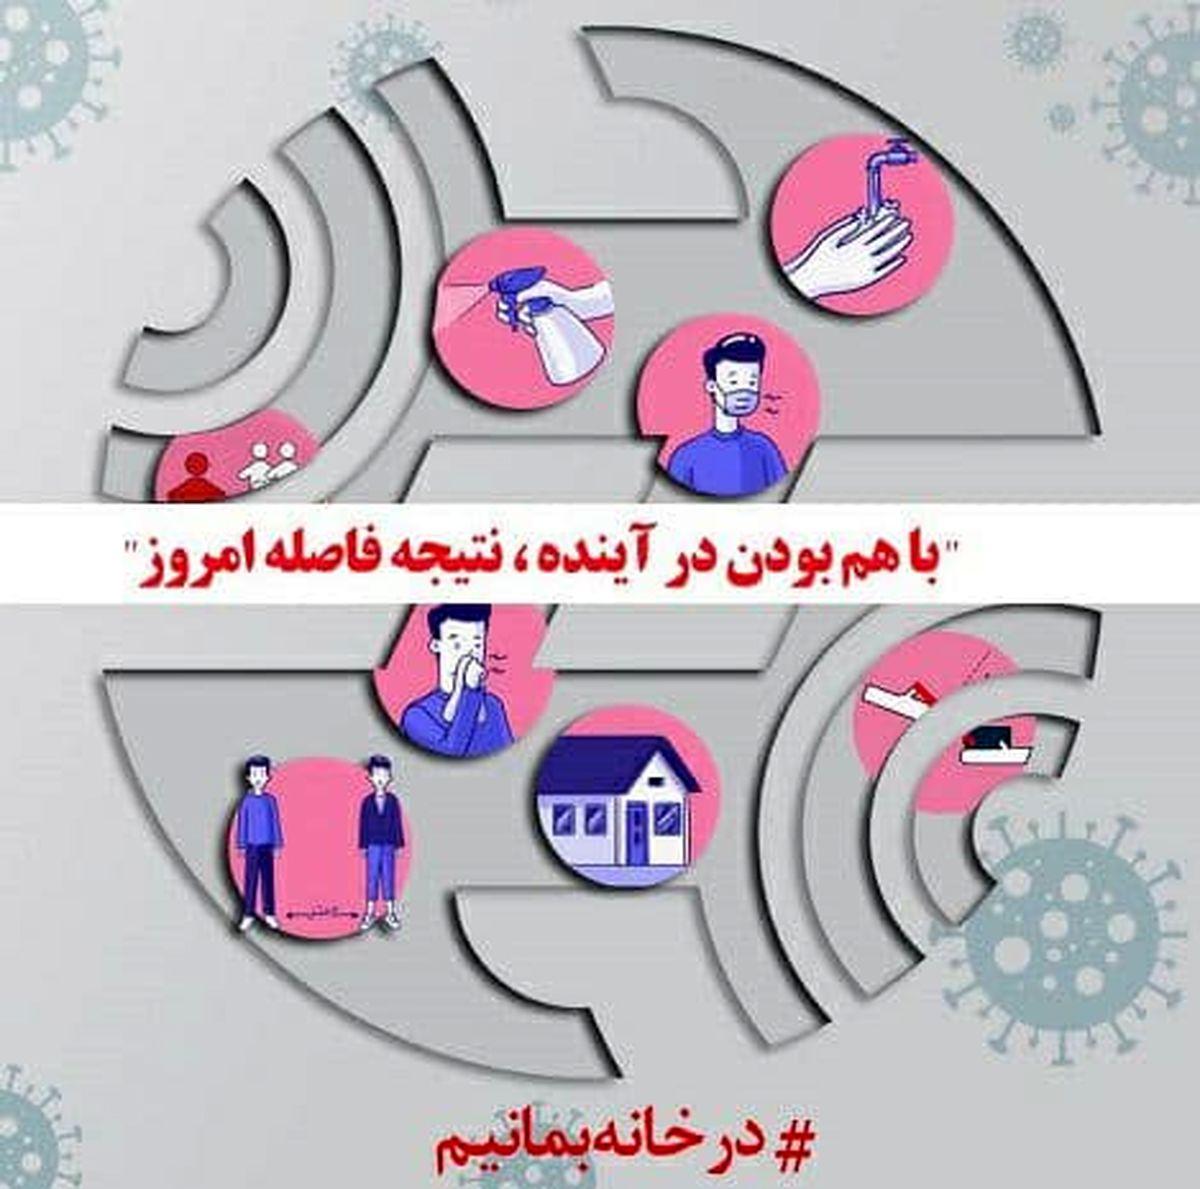 ادارات مخابرات ستاد و مناطق تهران و البرز تا یکشنبه آینده تعطیل است